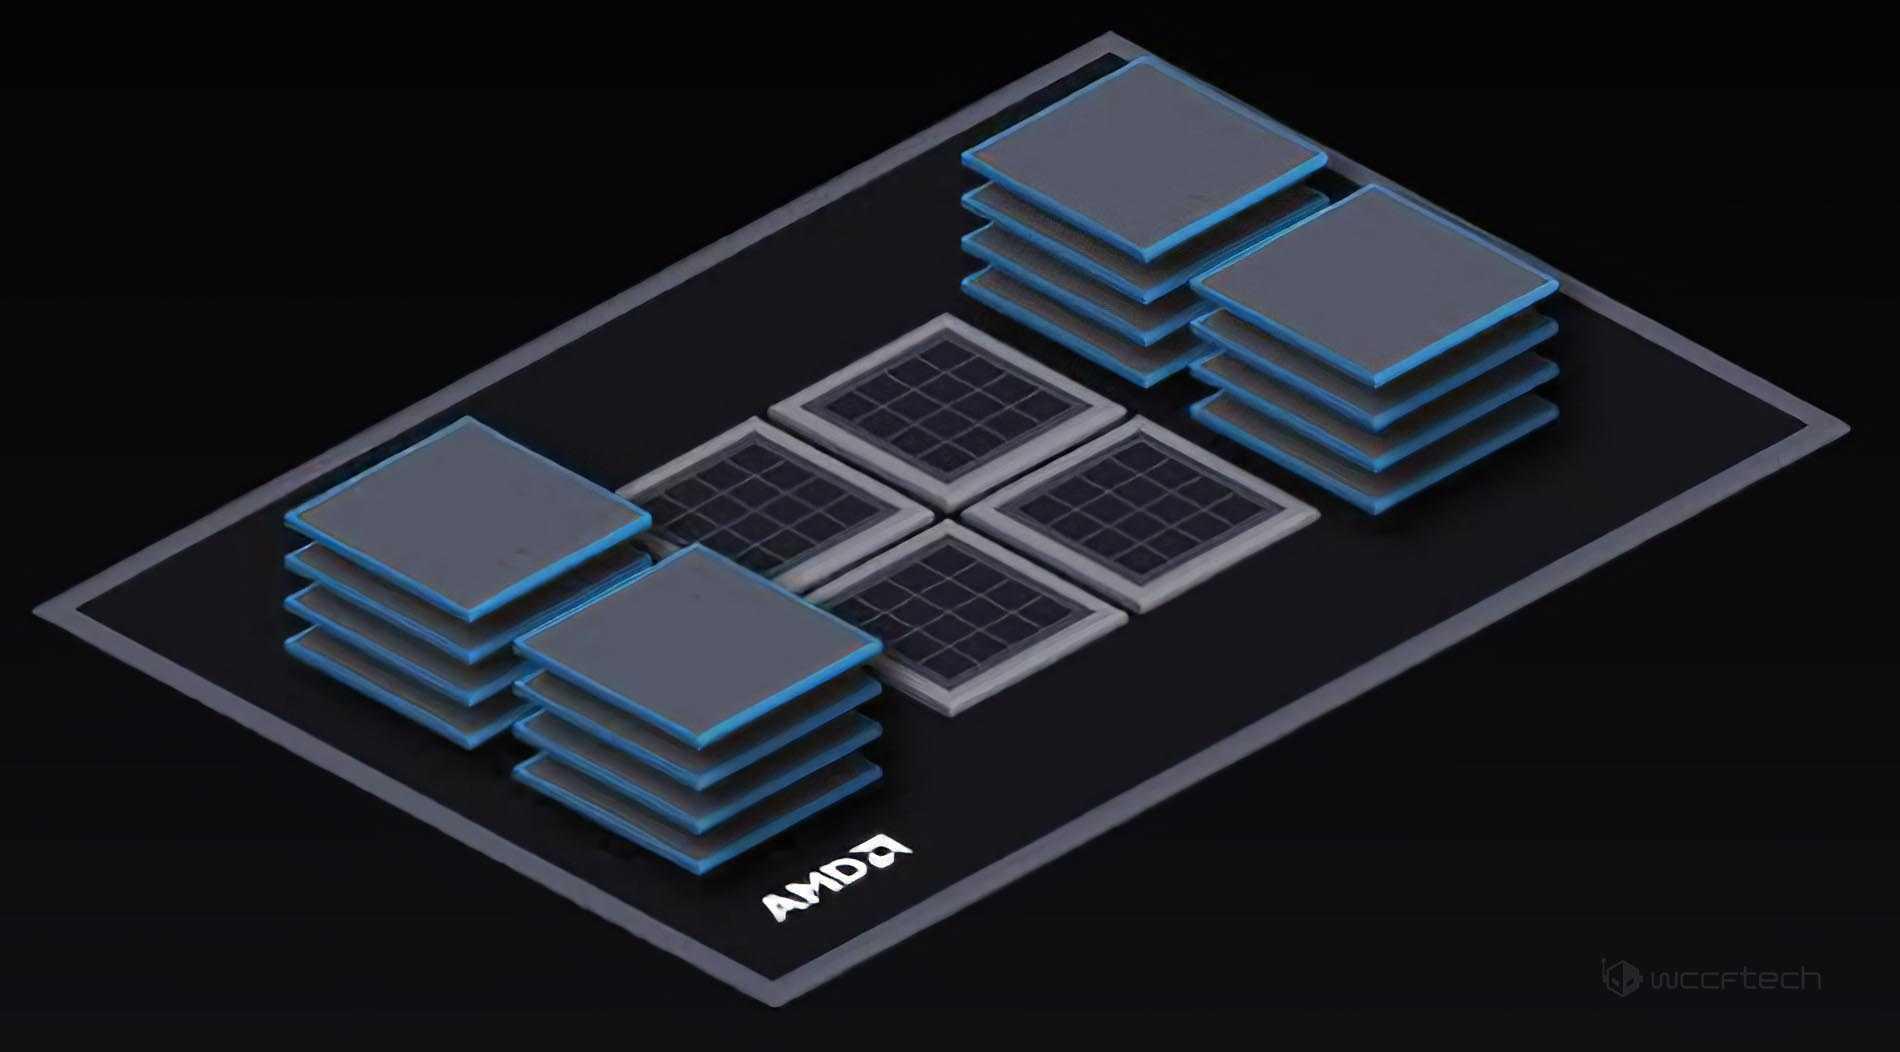 Intel объяснила, почему делает процессоры 14 нм, пока amd осваивает 5 нм